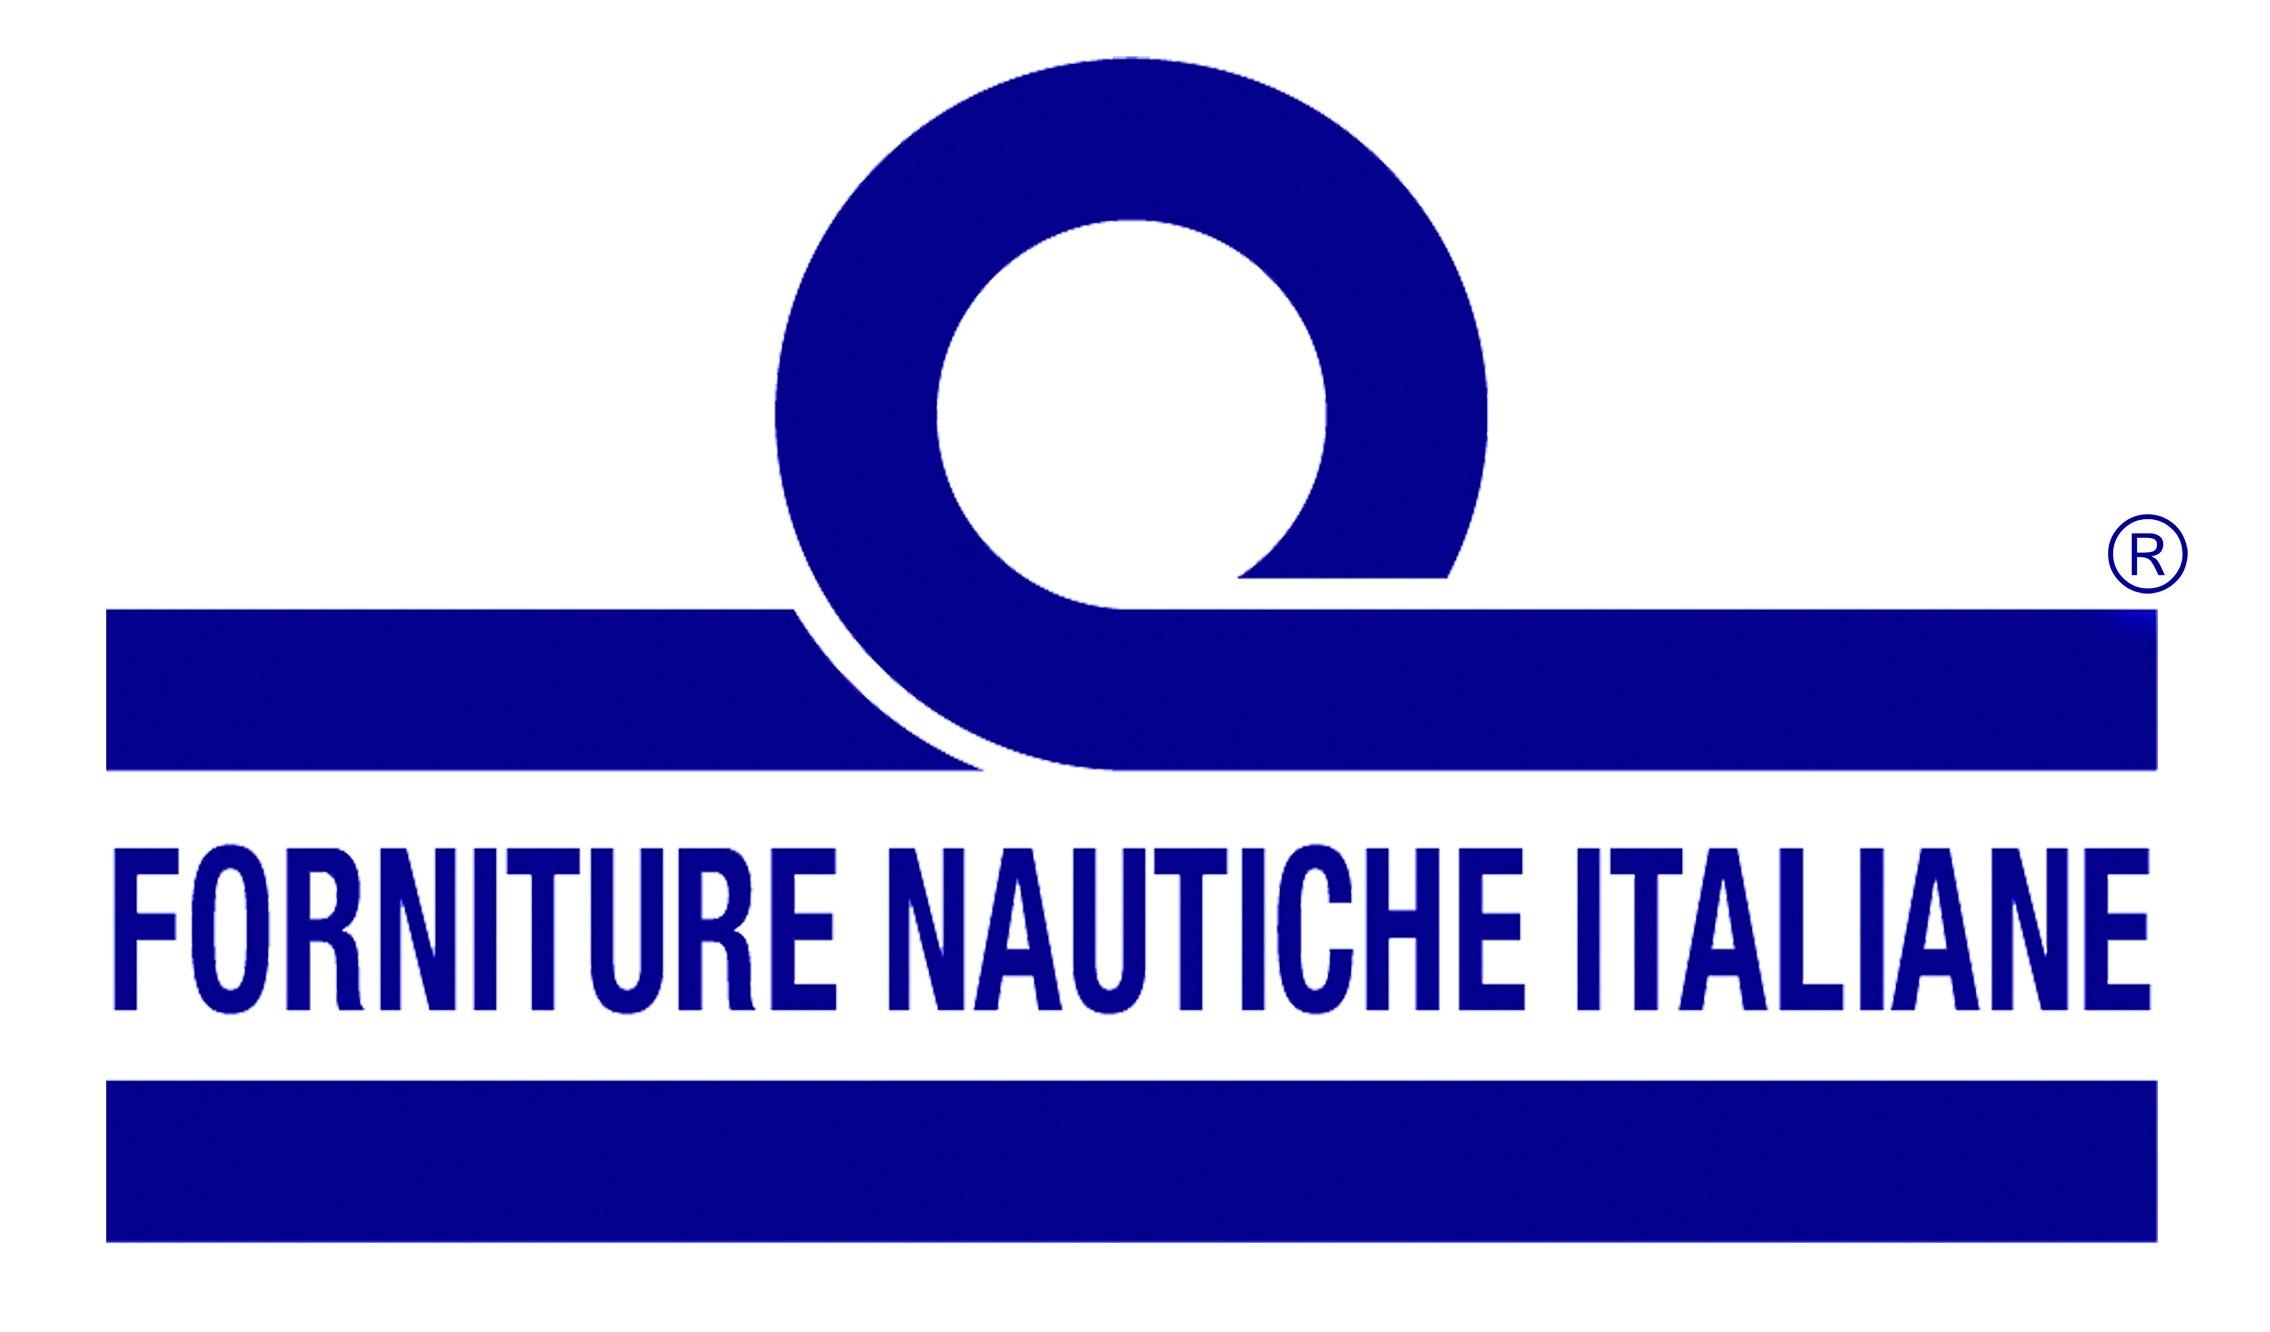 FORNITURE NAUTICHE